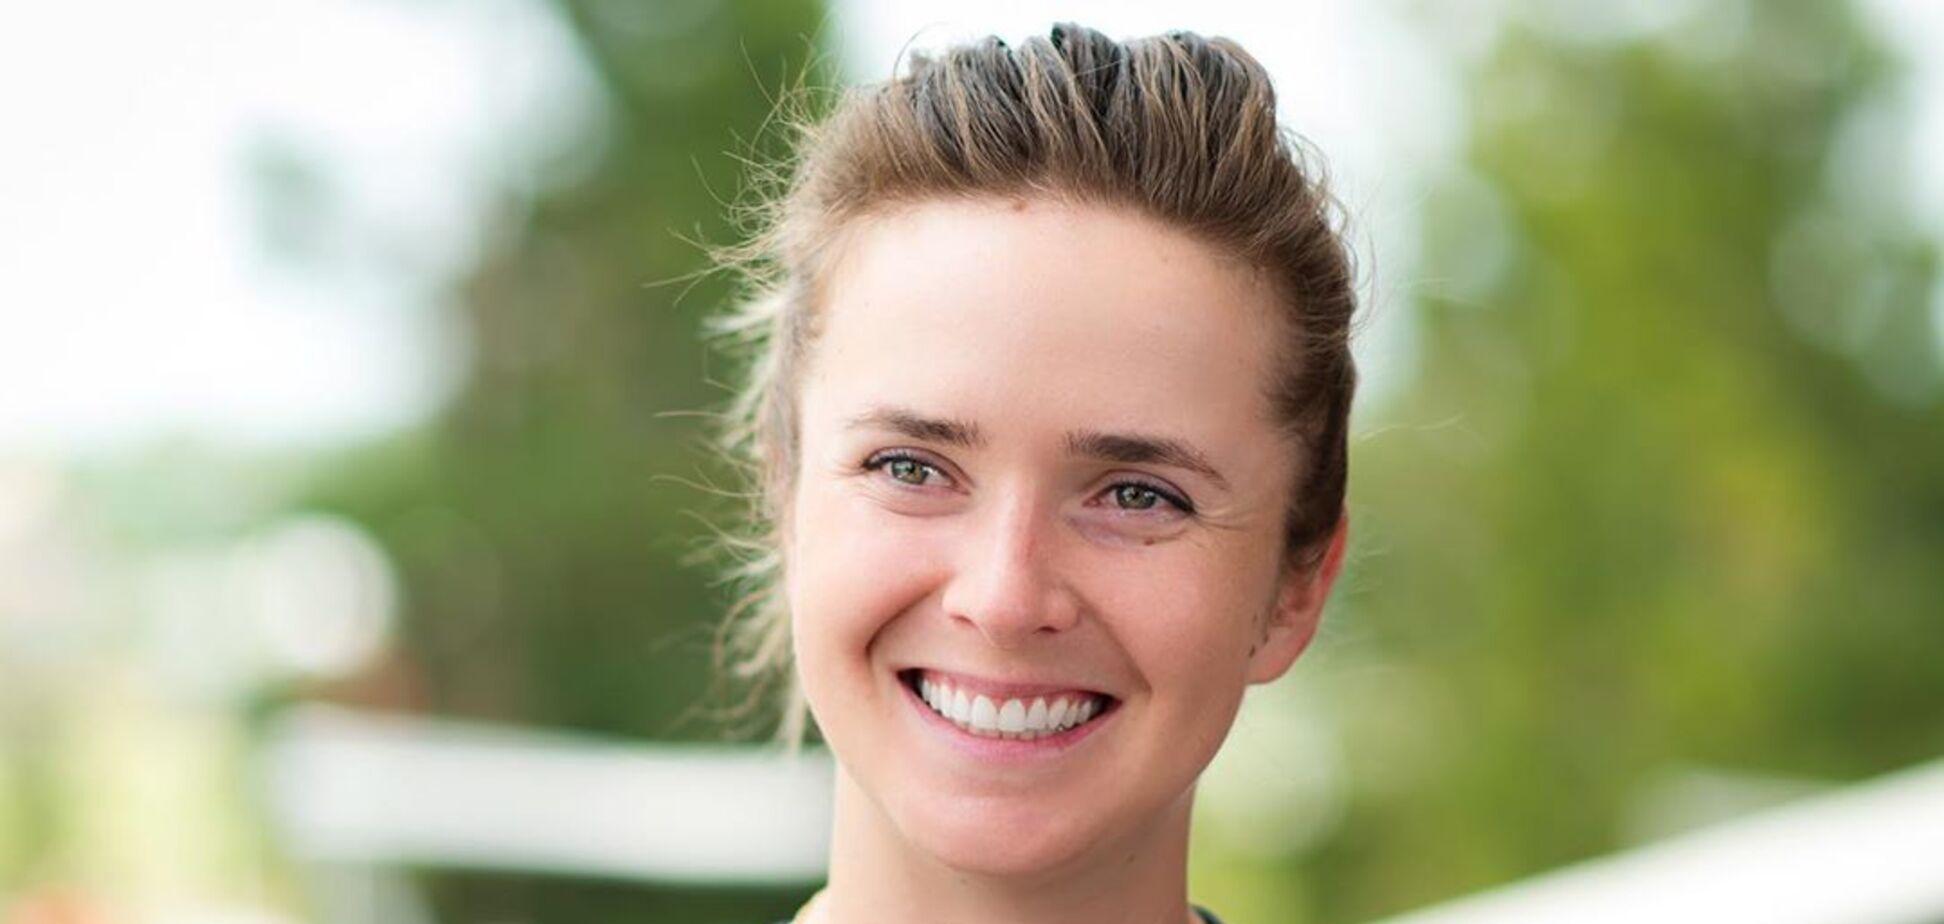 Домашнє тренування від Світоліної під час карантину: тенісистка опублікувала відео